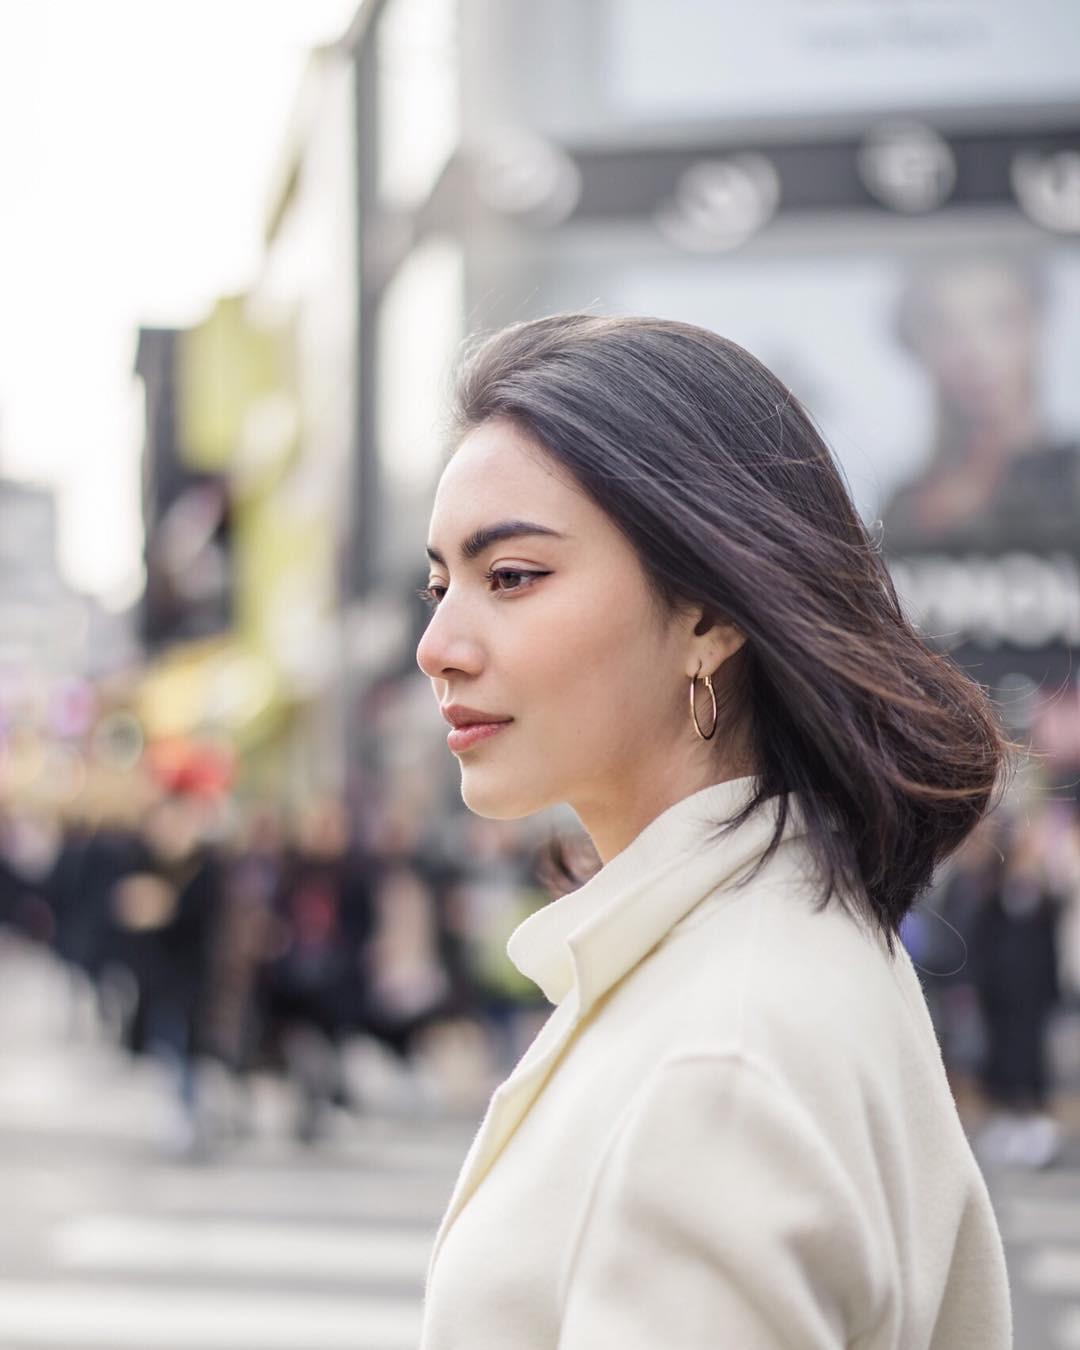 Top 10 mỹ nhân đẹp nhất đài truyền hình quyền lực Thái Lan: Toàn 9X đắt giá nhưng vẫn bị chị đại quyền lực vượt mặt - Ảnh 37.